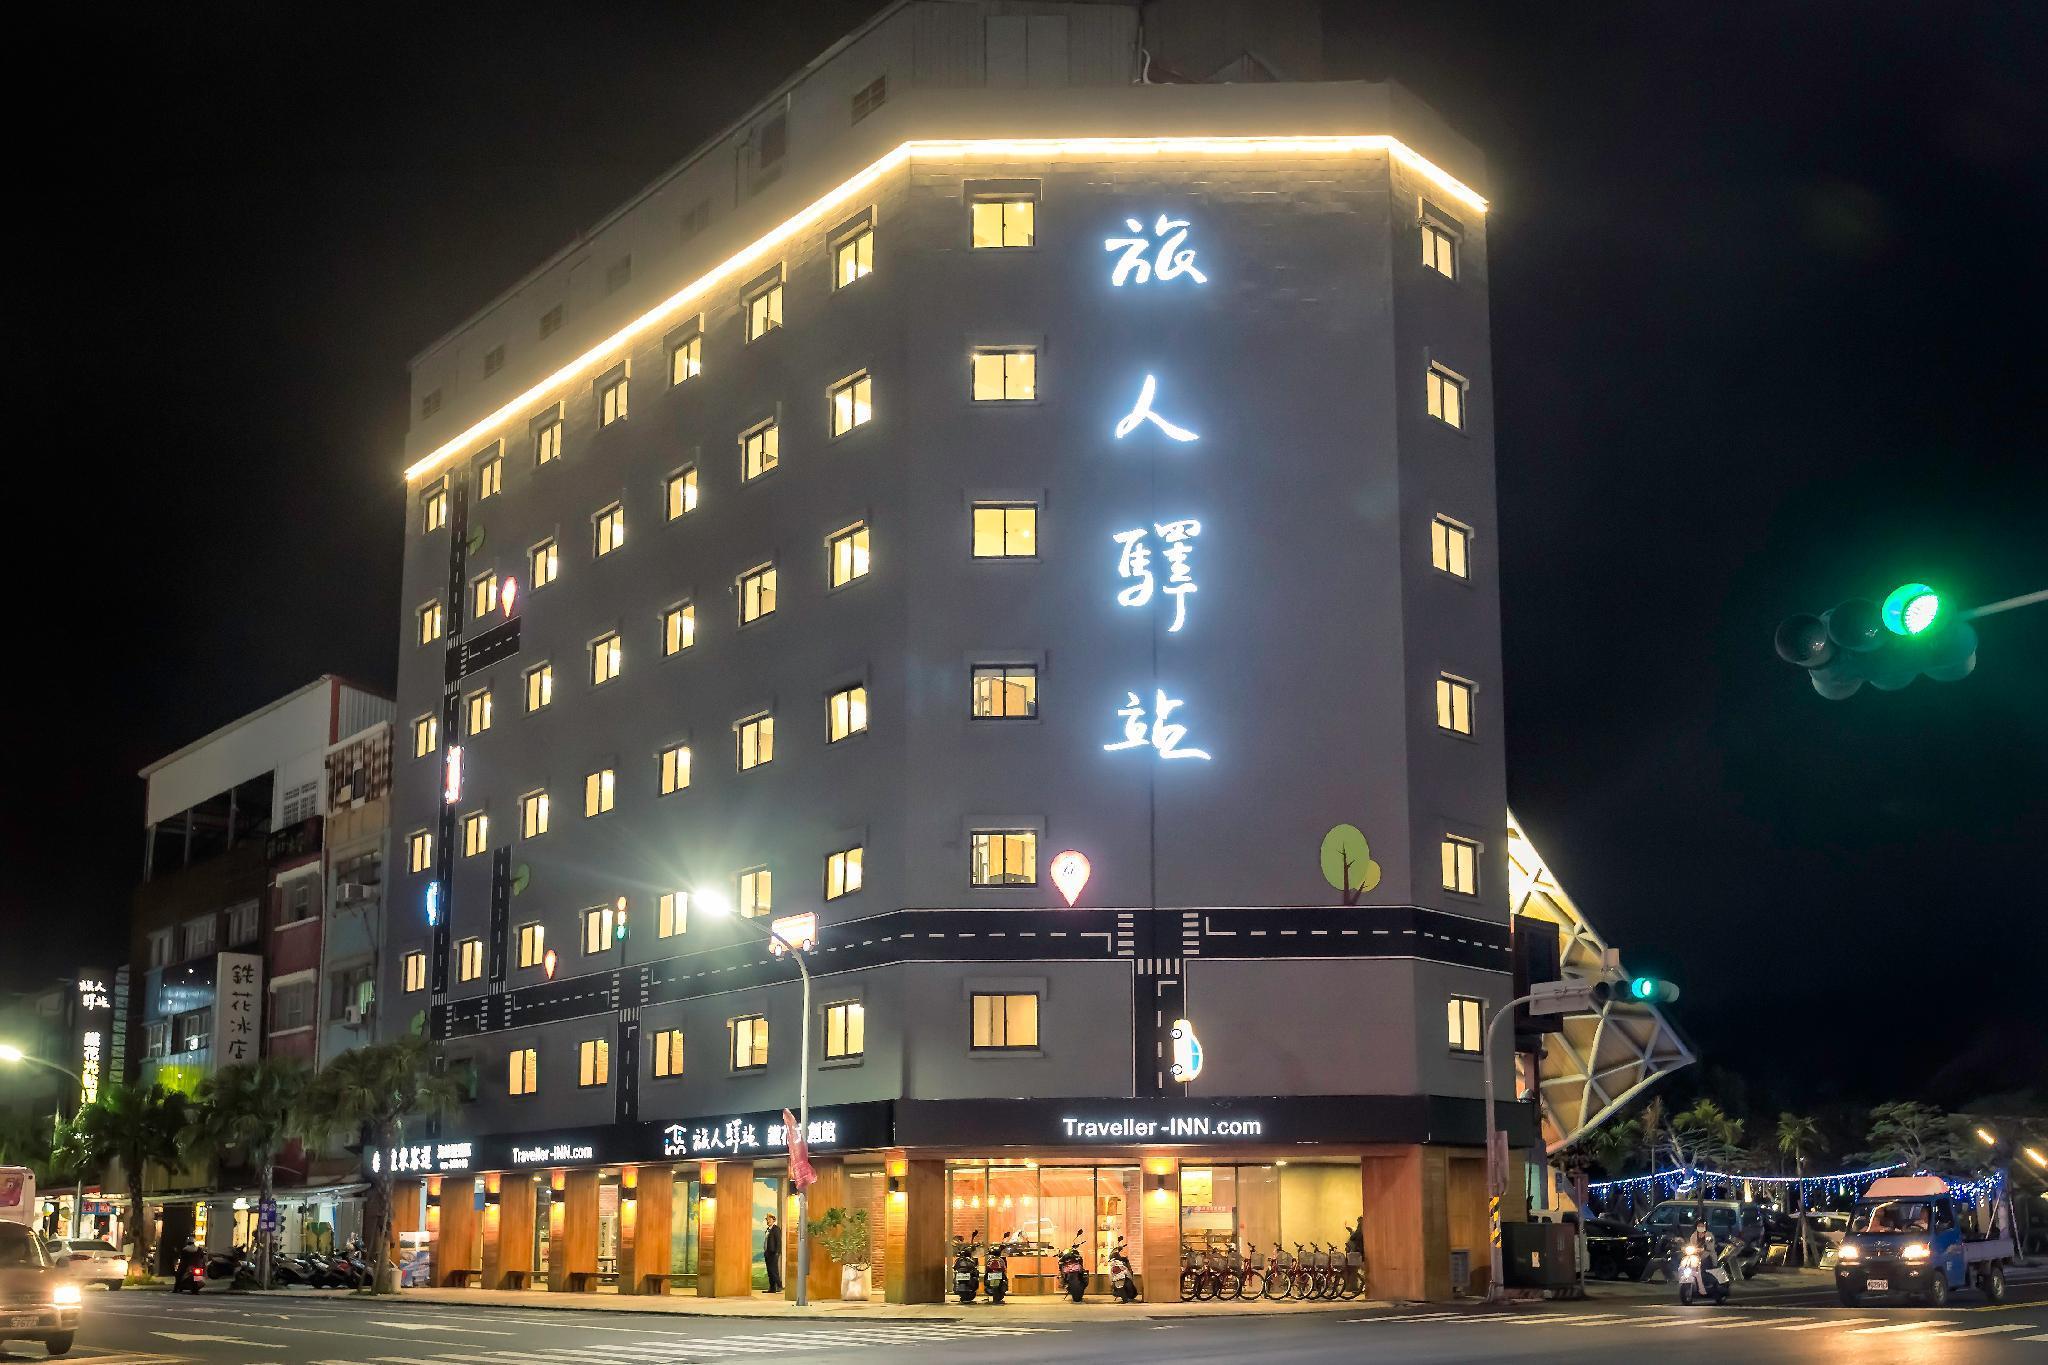 Traveller-INN Tiehua Cultural and Creative Hotel